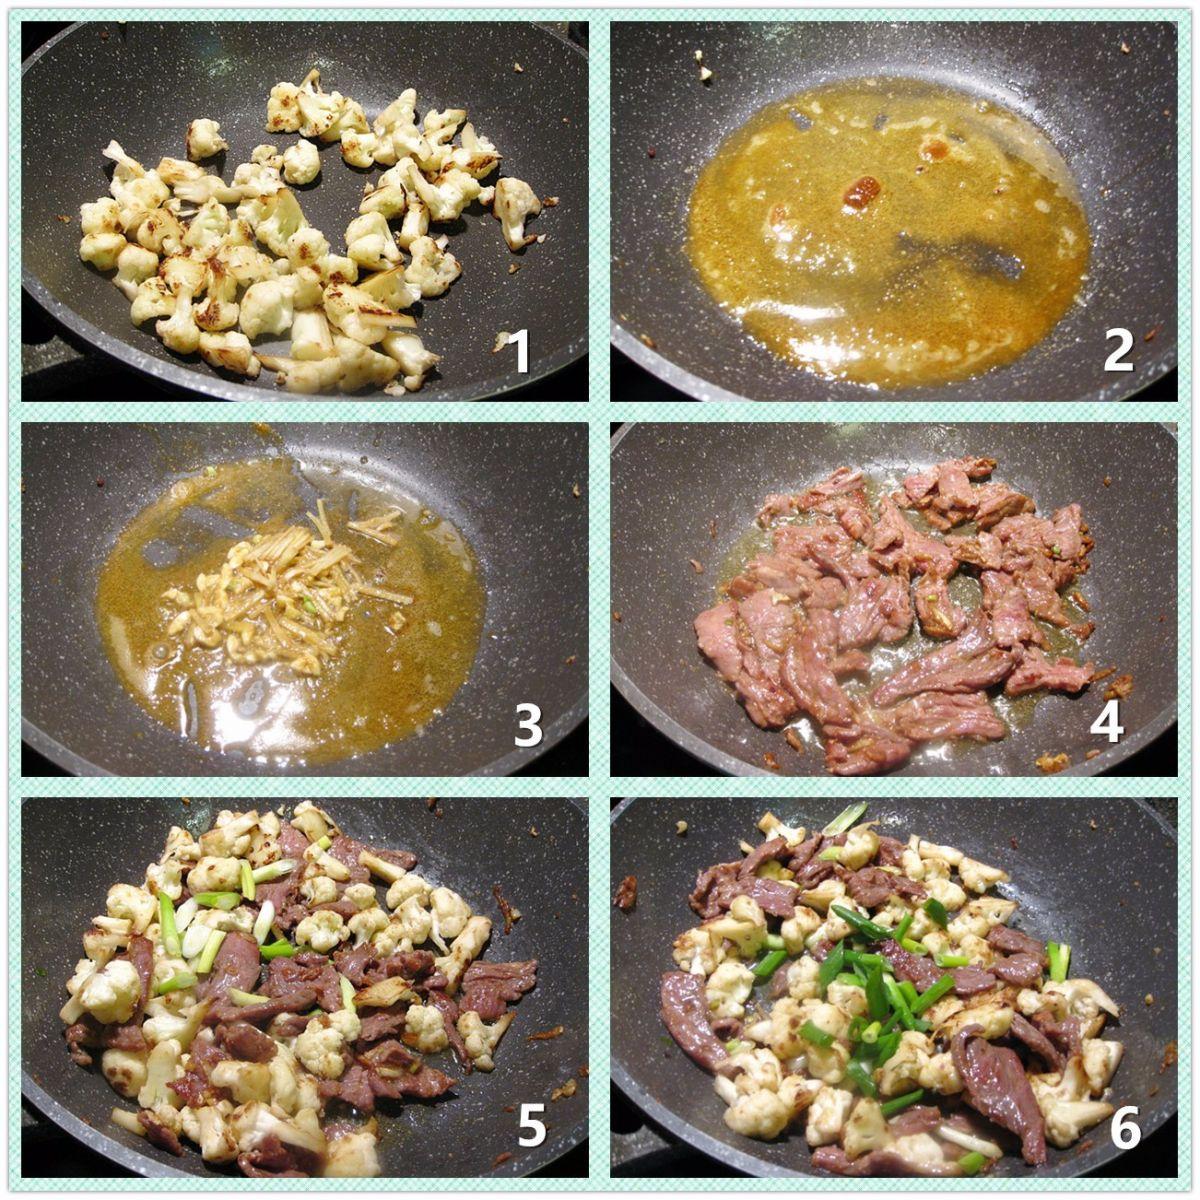 咖喱菜花牛肉片_图1-3